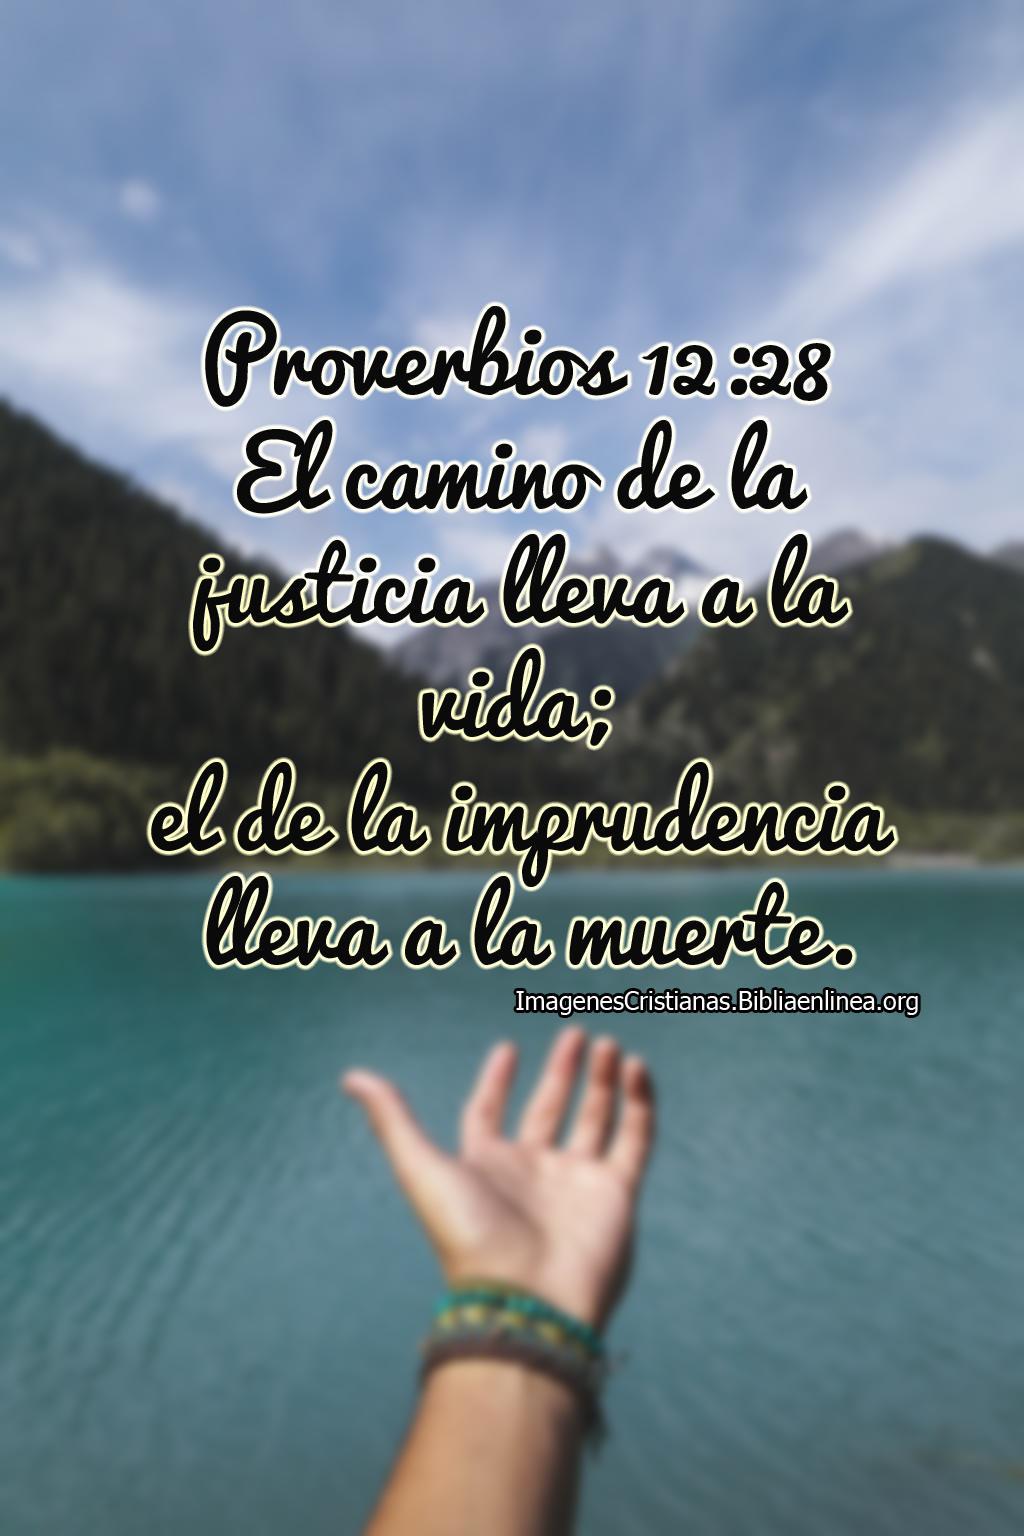 Imagenes cristianas el proverbios de hoy